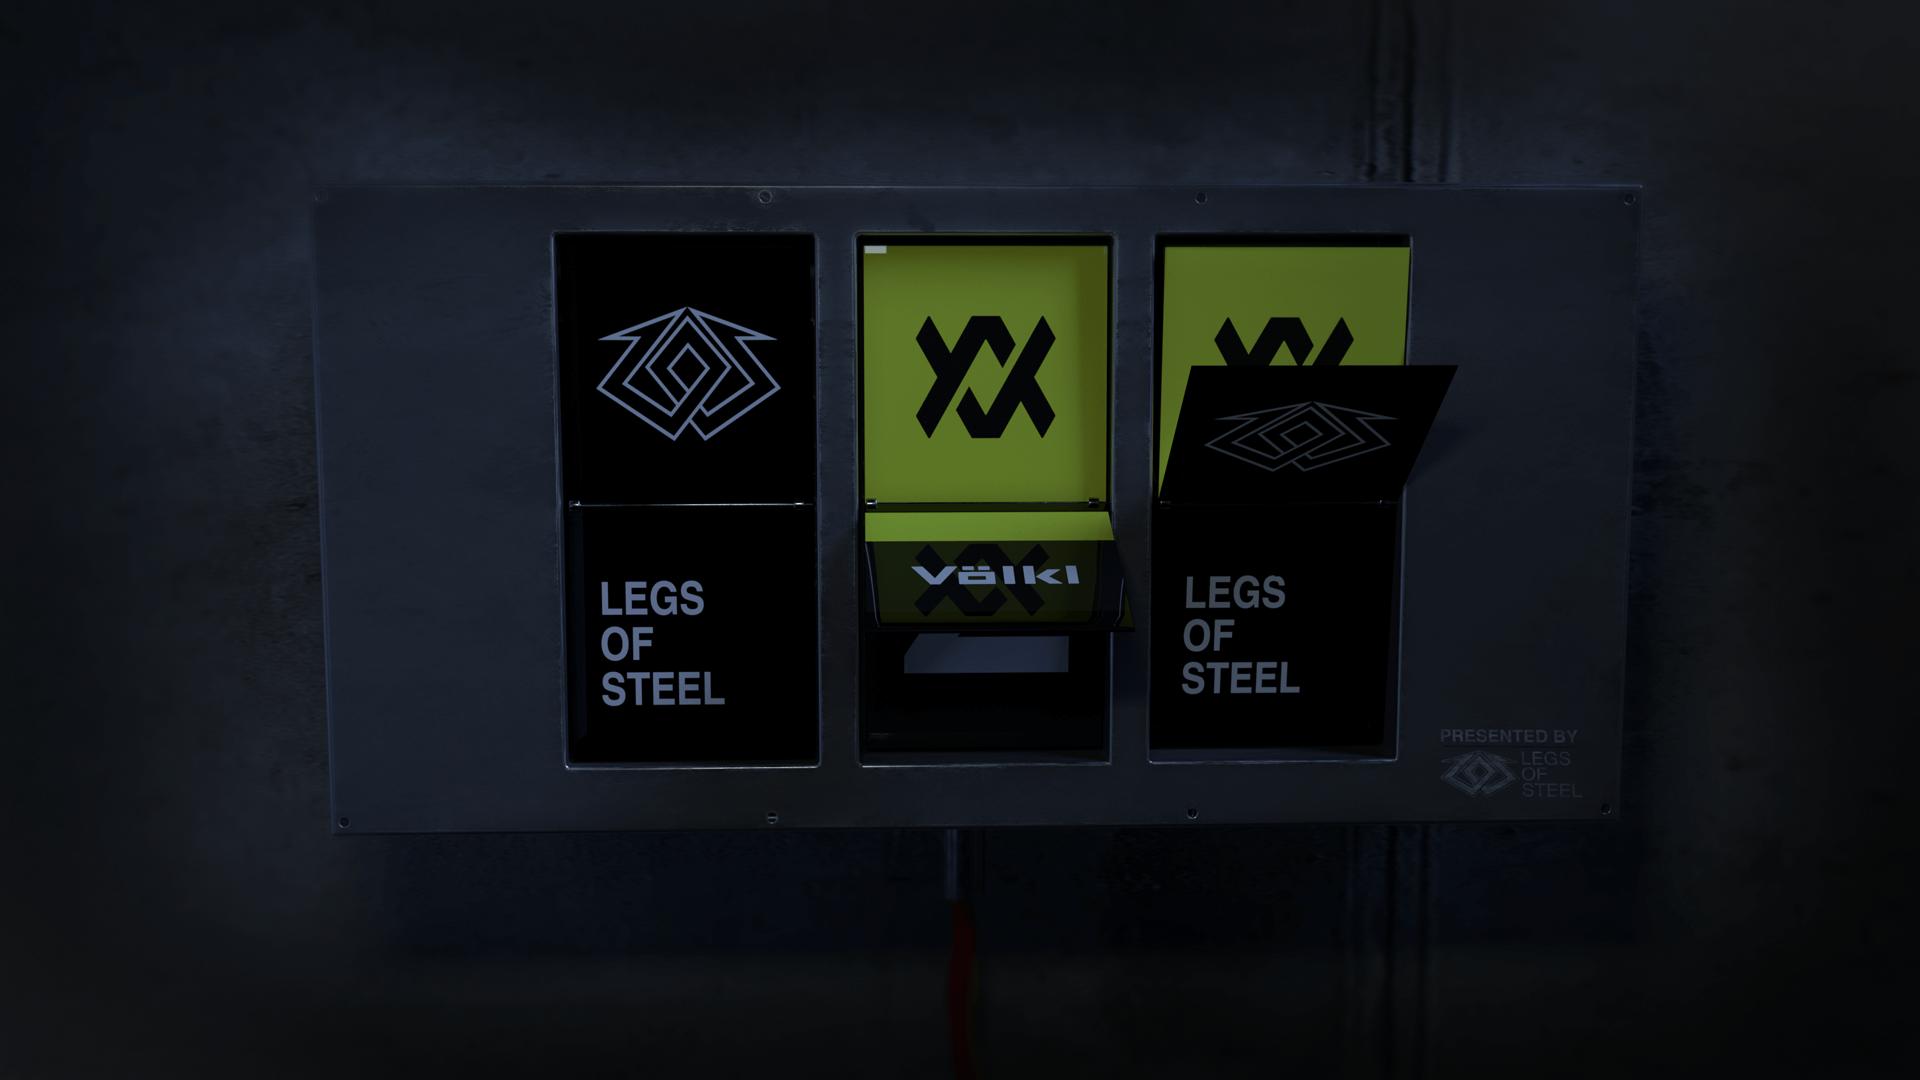 Legs of Steel